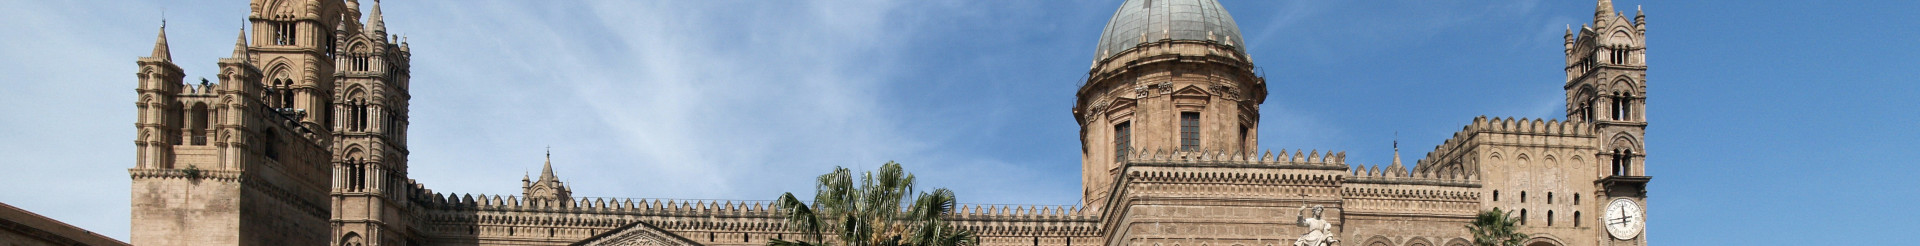 Panoramica_Cattedrale_di_Palermo (1)